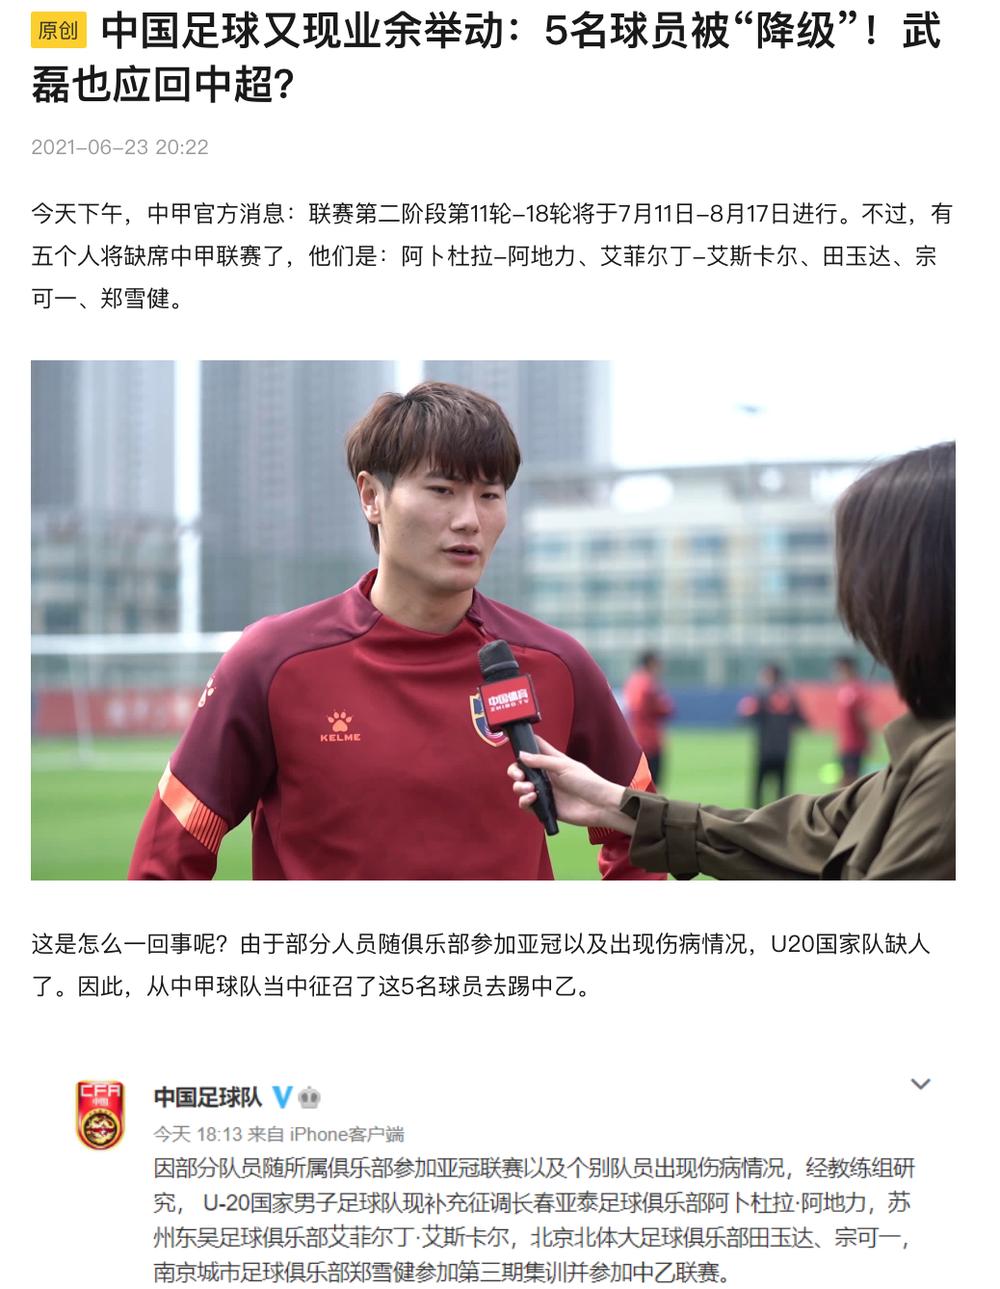 Sự ngớ ngẩn của bóng đá Trung Quốc, hóa ra giống bí quyết thành công của Quang Hải và bầu Đức - Ảnh 1.